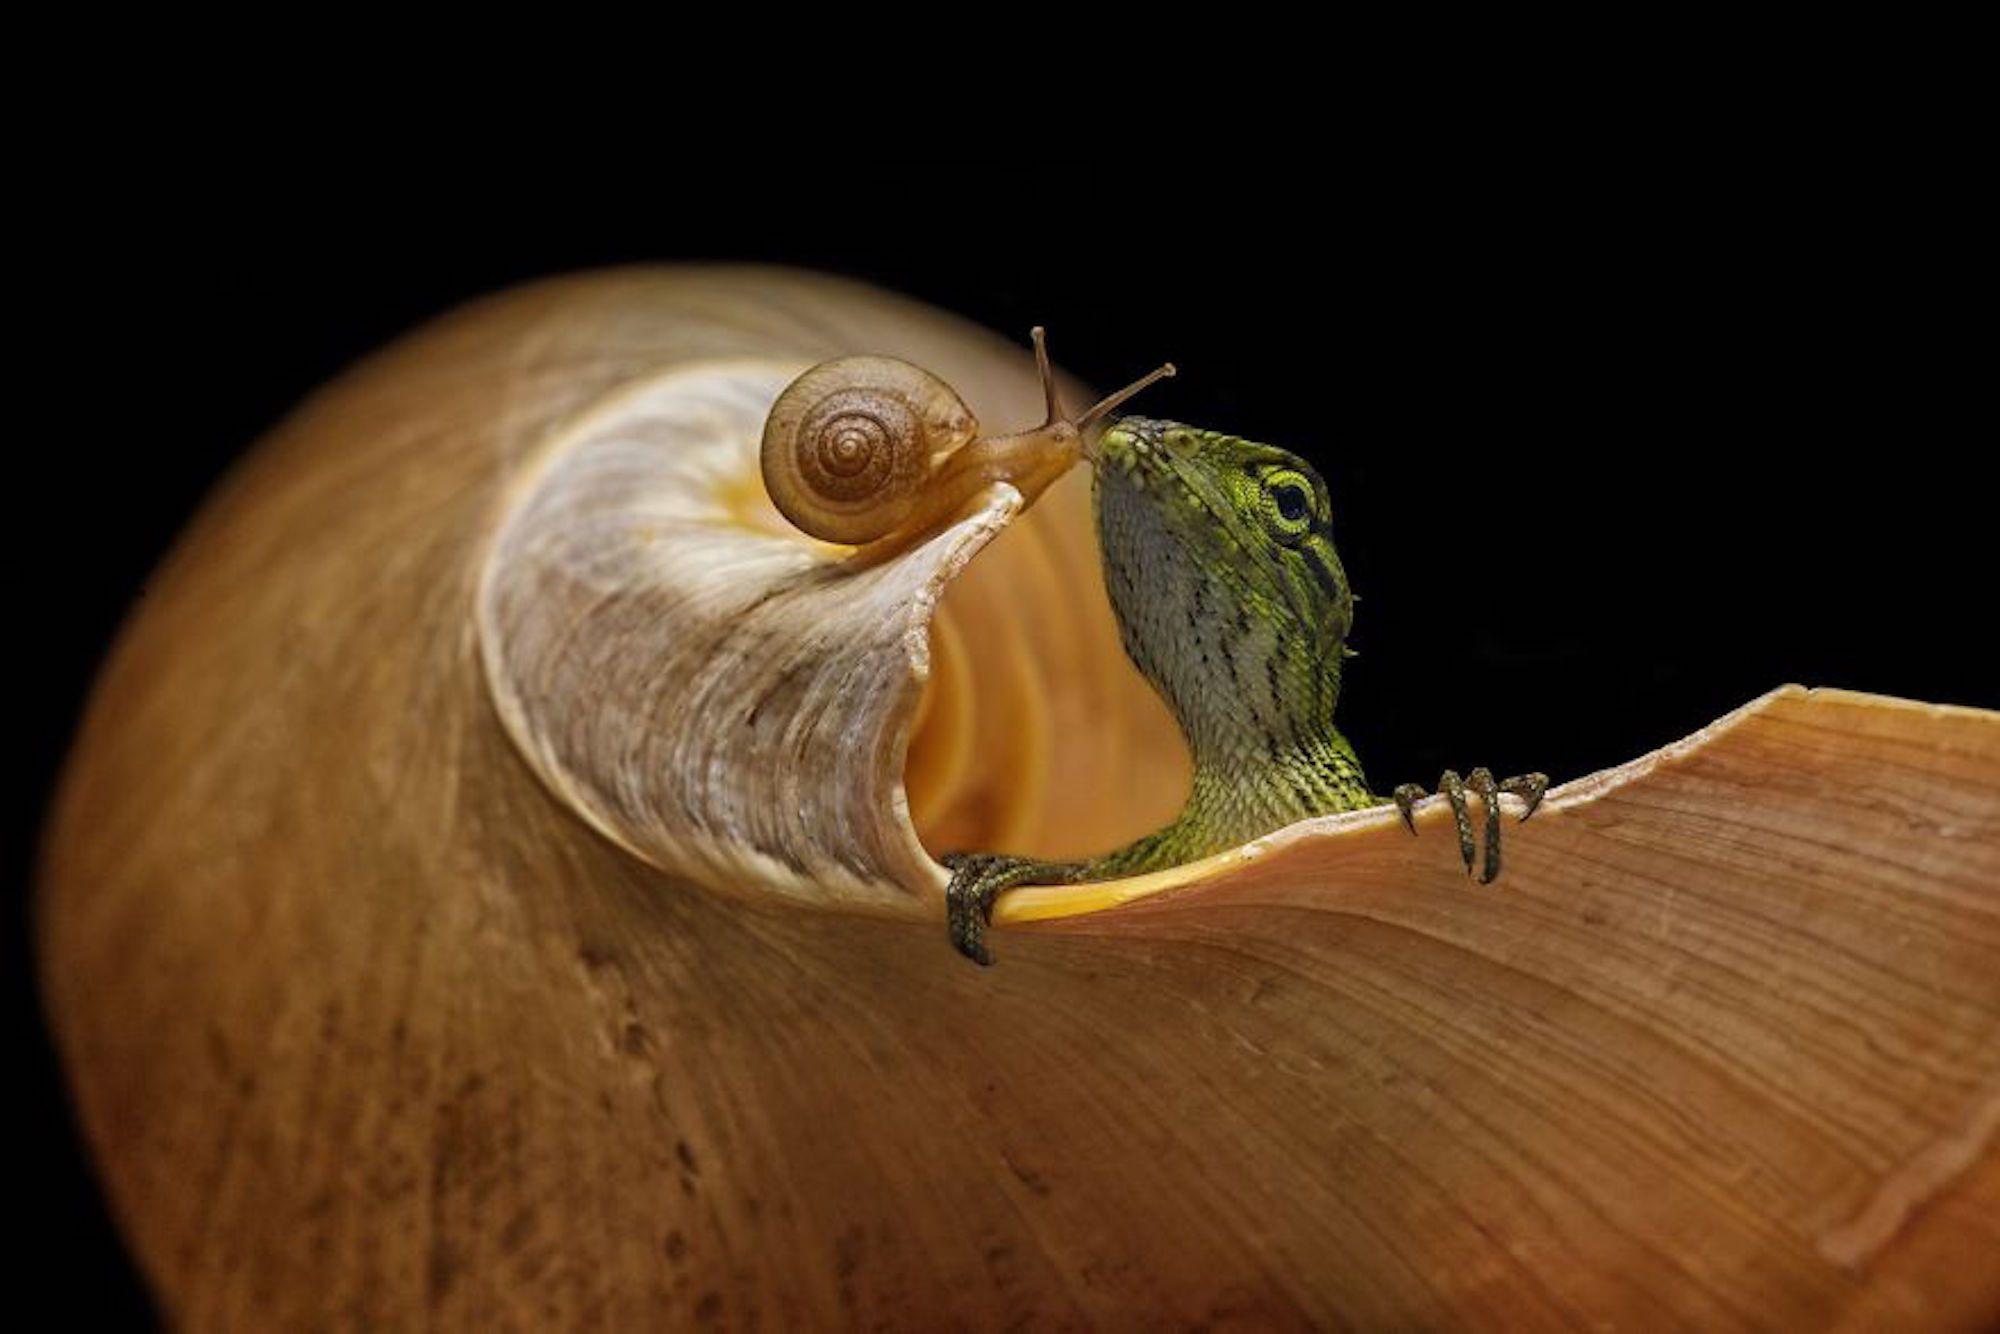 Um momento entre um lagarto e um caracol